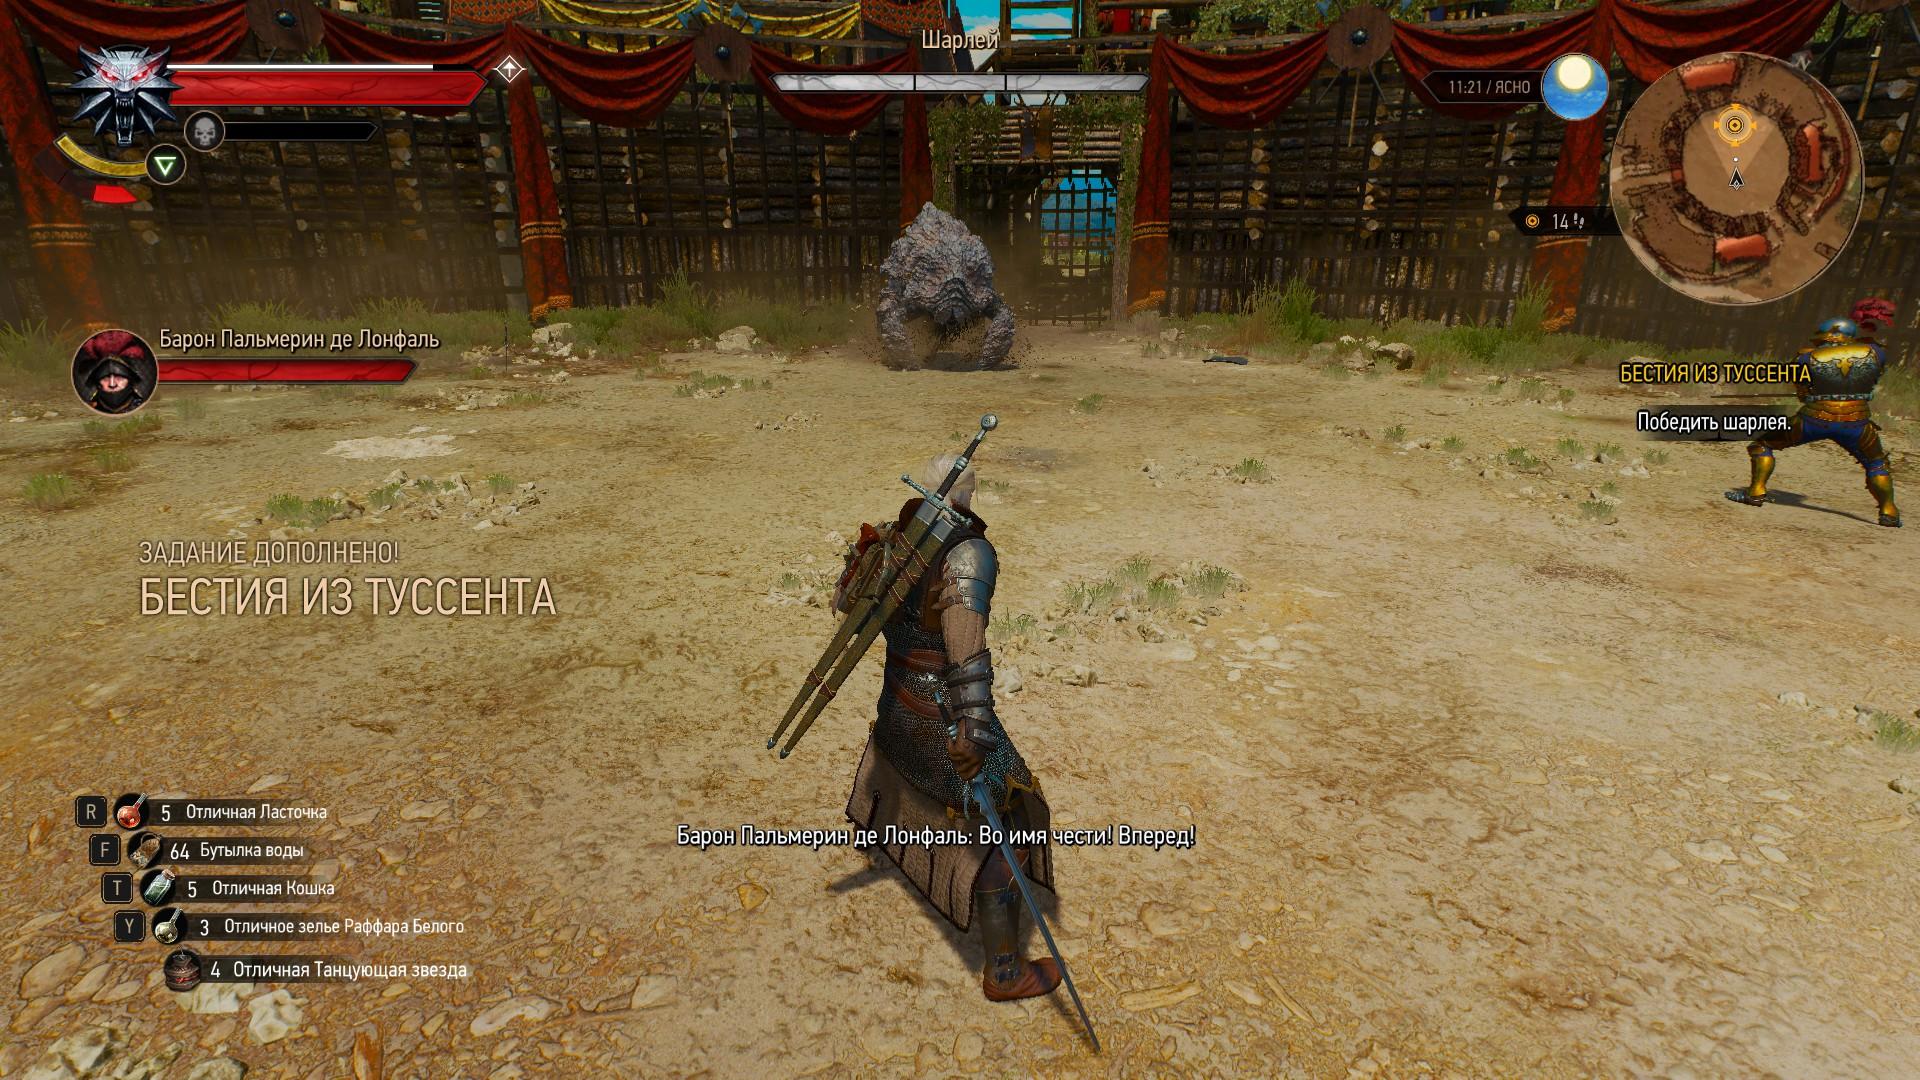 20170503195438_1.jpg - Witcher 3: Wild Hunt, the